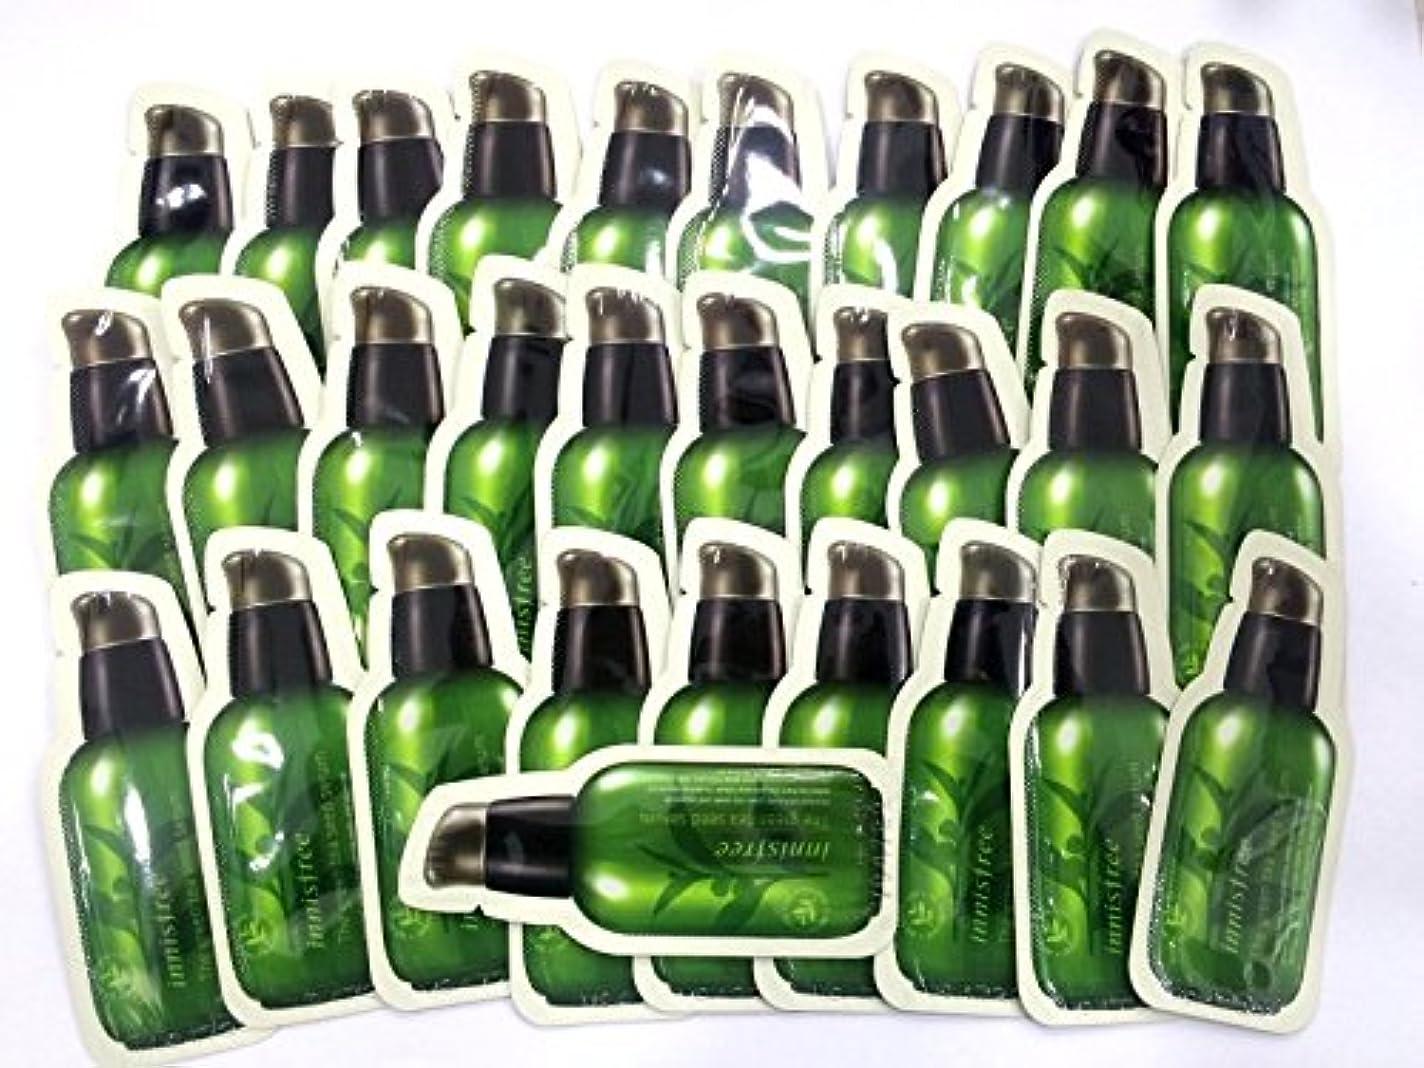 期待しておっと判定イニスフリー[Innsfree]グリーンティーシードセラム[the Green Tea Seed serum] 1ml x30pcs, [海外直送品][並行輸入品]